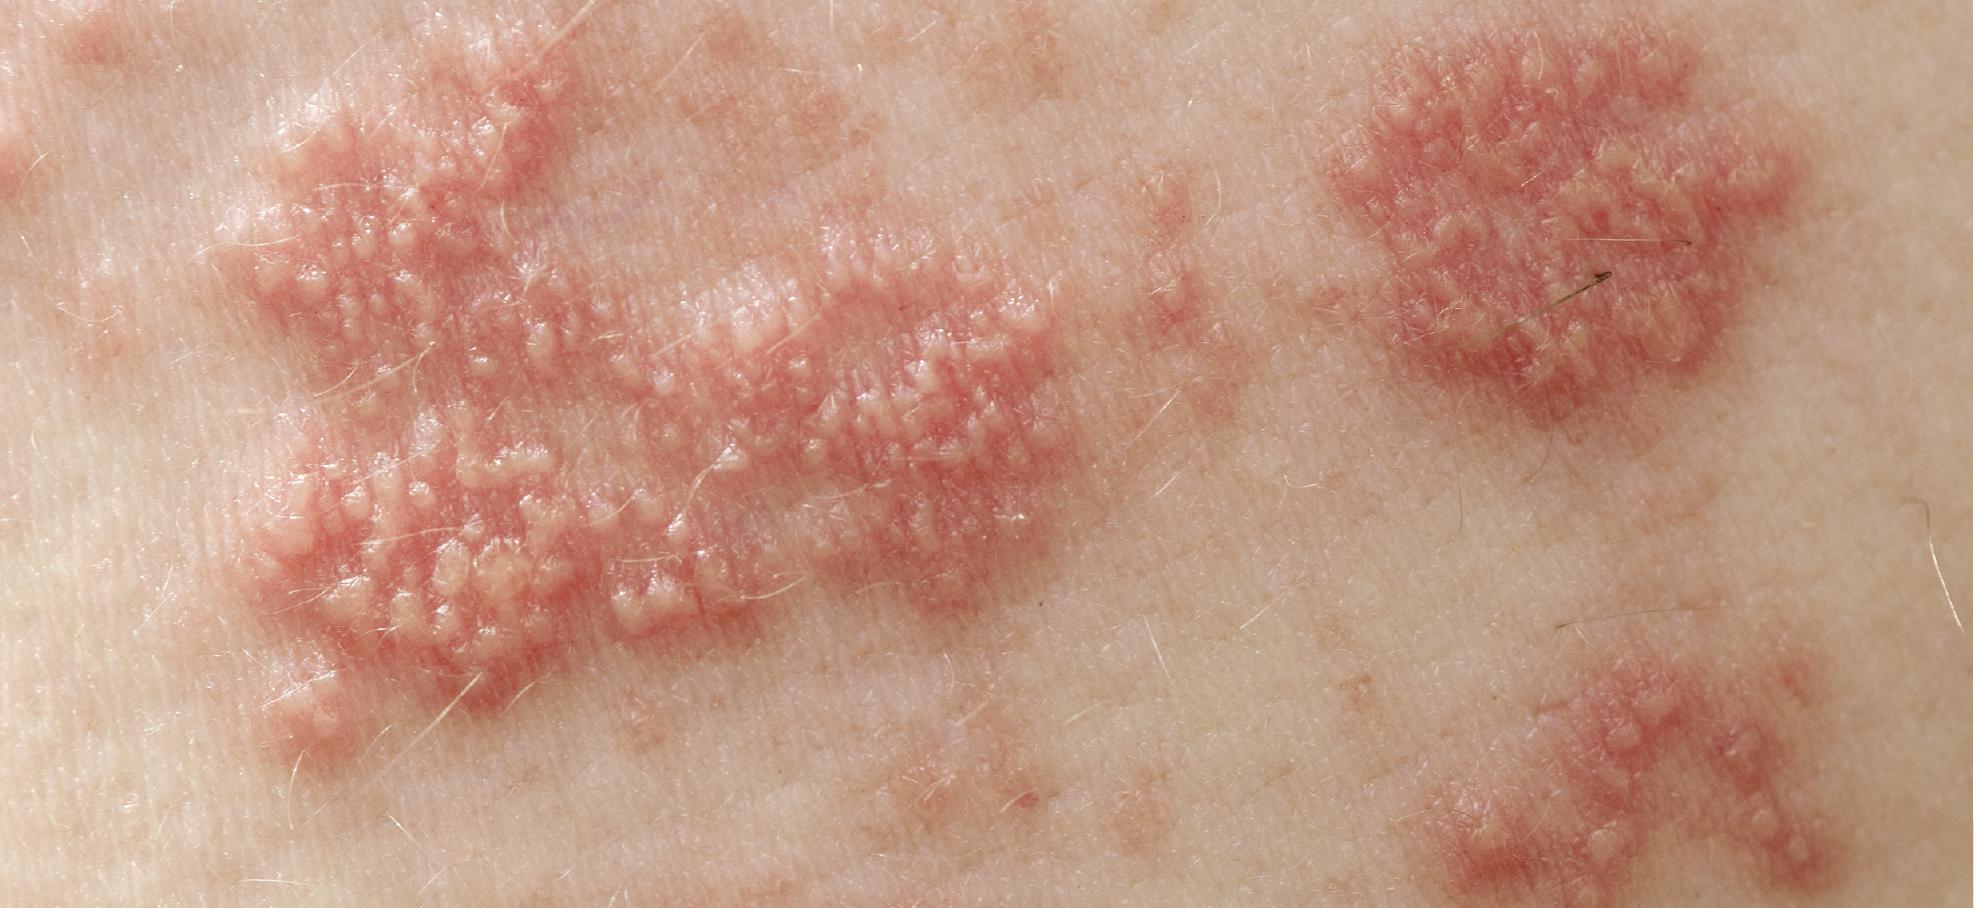 胸痛让人疼痛难耐,竟是带状疱疹在作怪